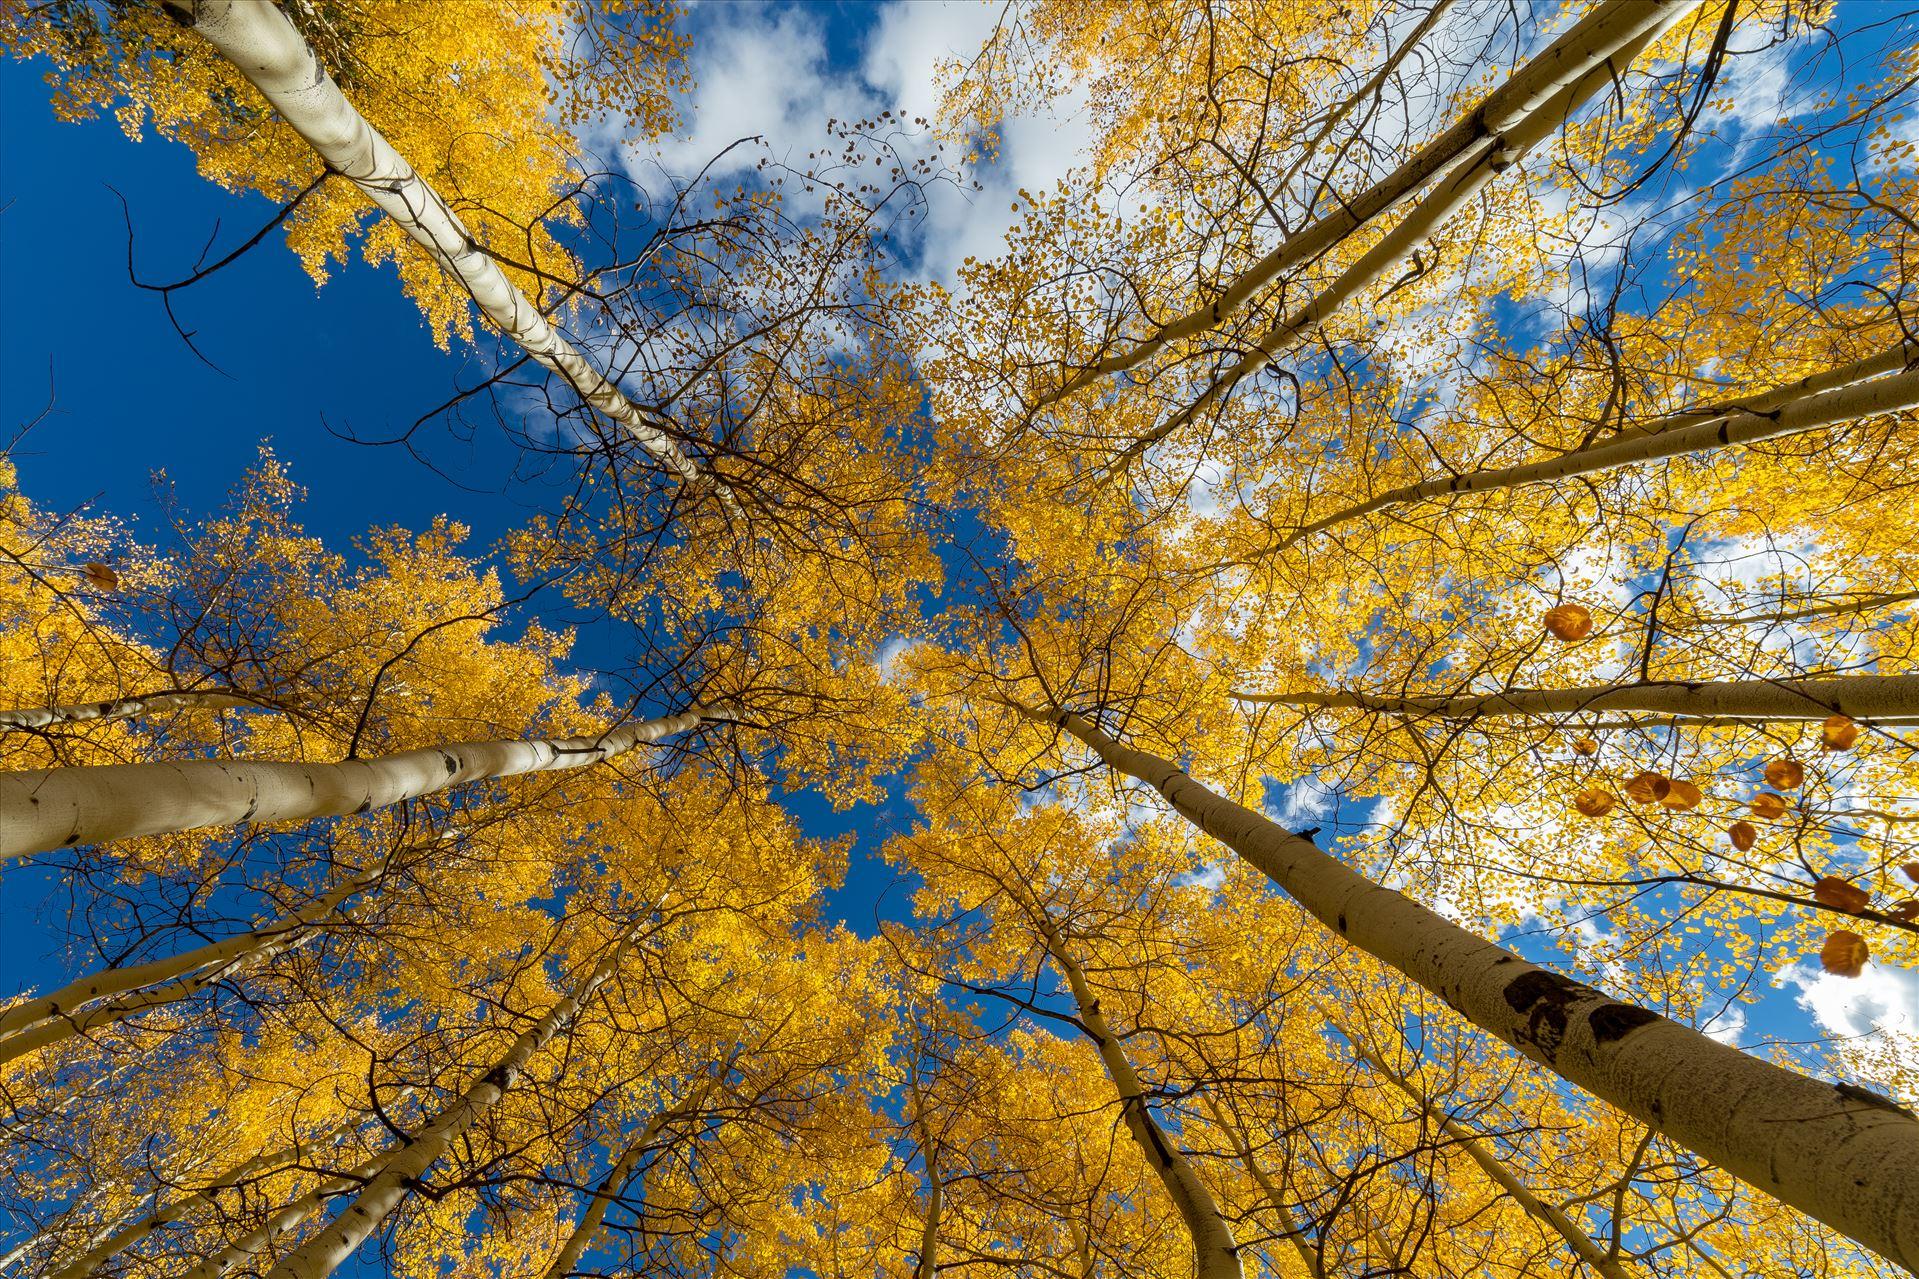 Aspens to the Sky No 3 - Aspens reaching skyward in Fall. Taken near Maroon Creek Drive near Aspen, Colorado. by D Scott Smith